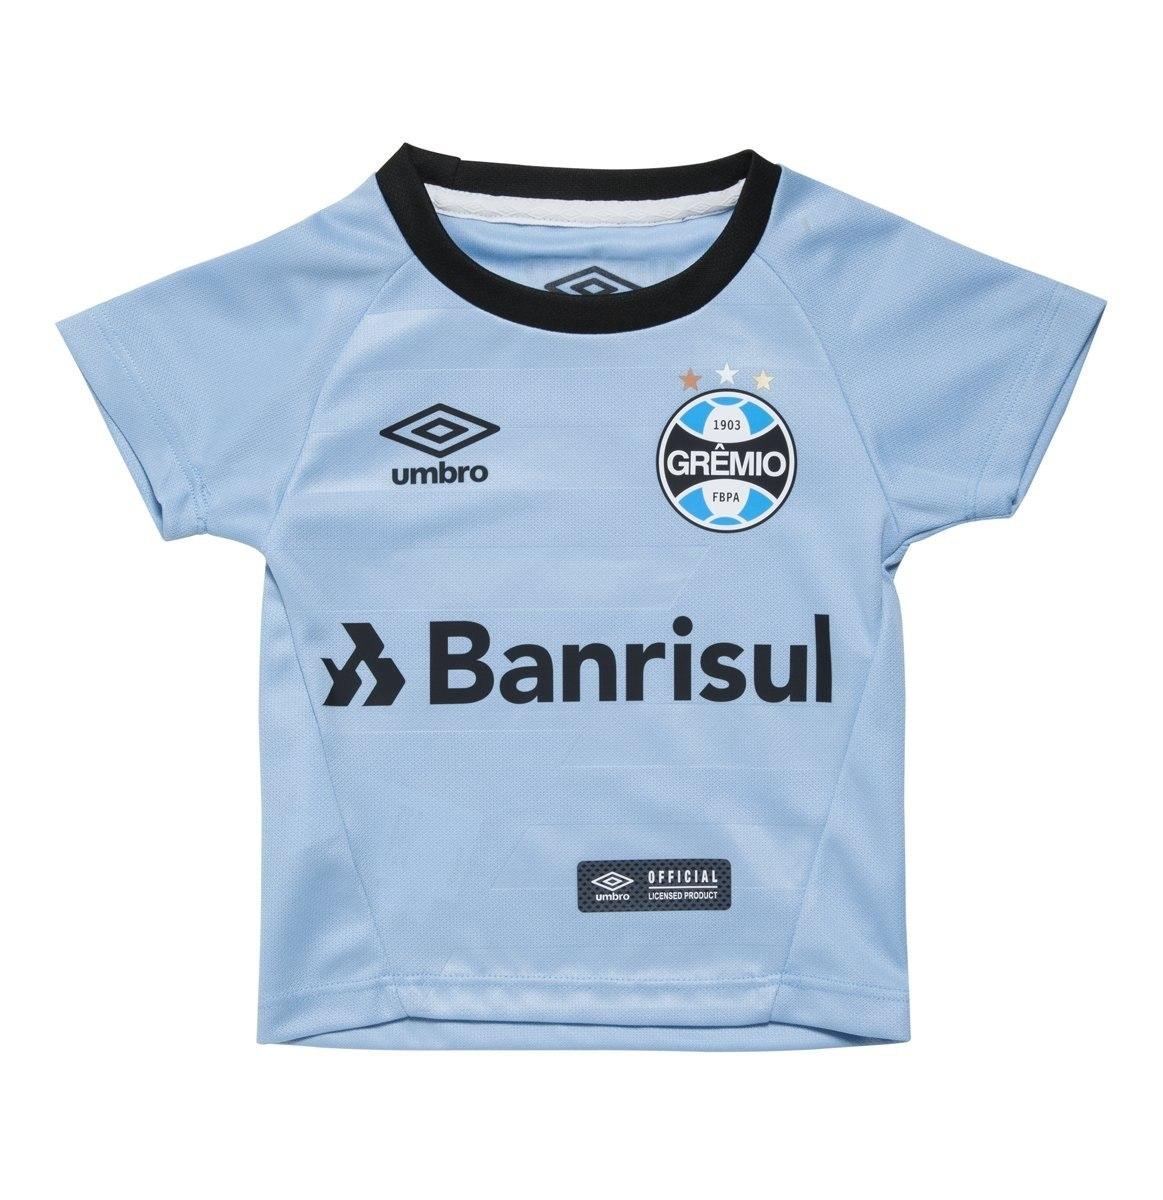 5e91831d8b Camisa Infantil Umbro Grêmio Oficial 2 2017 3g160099